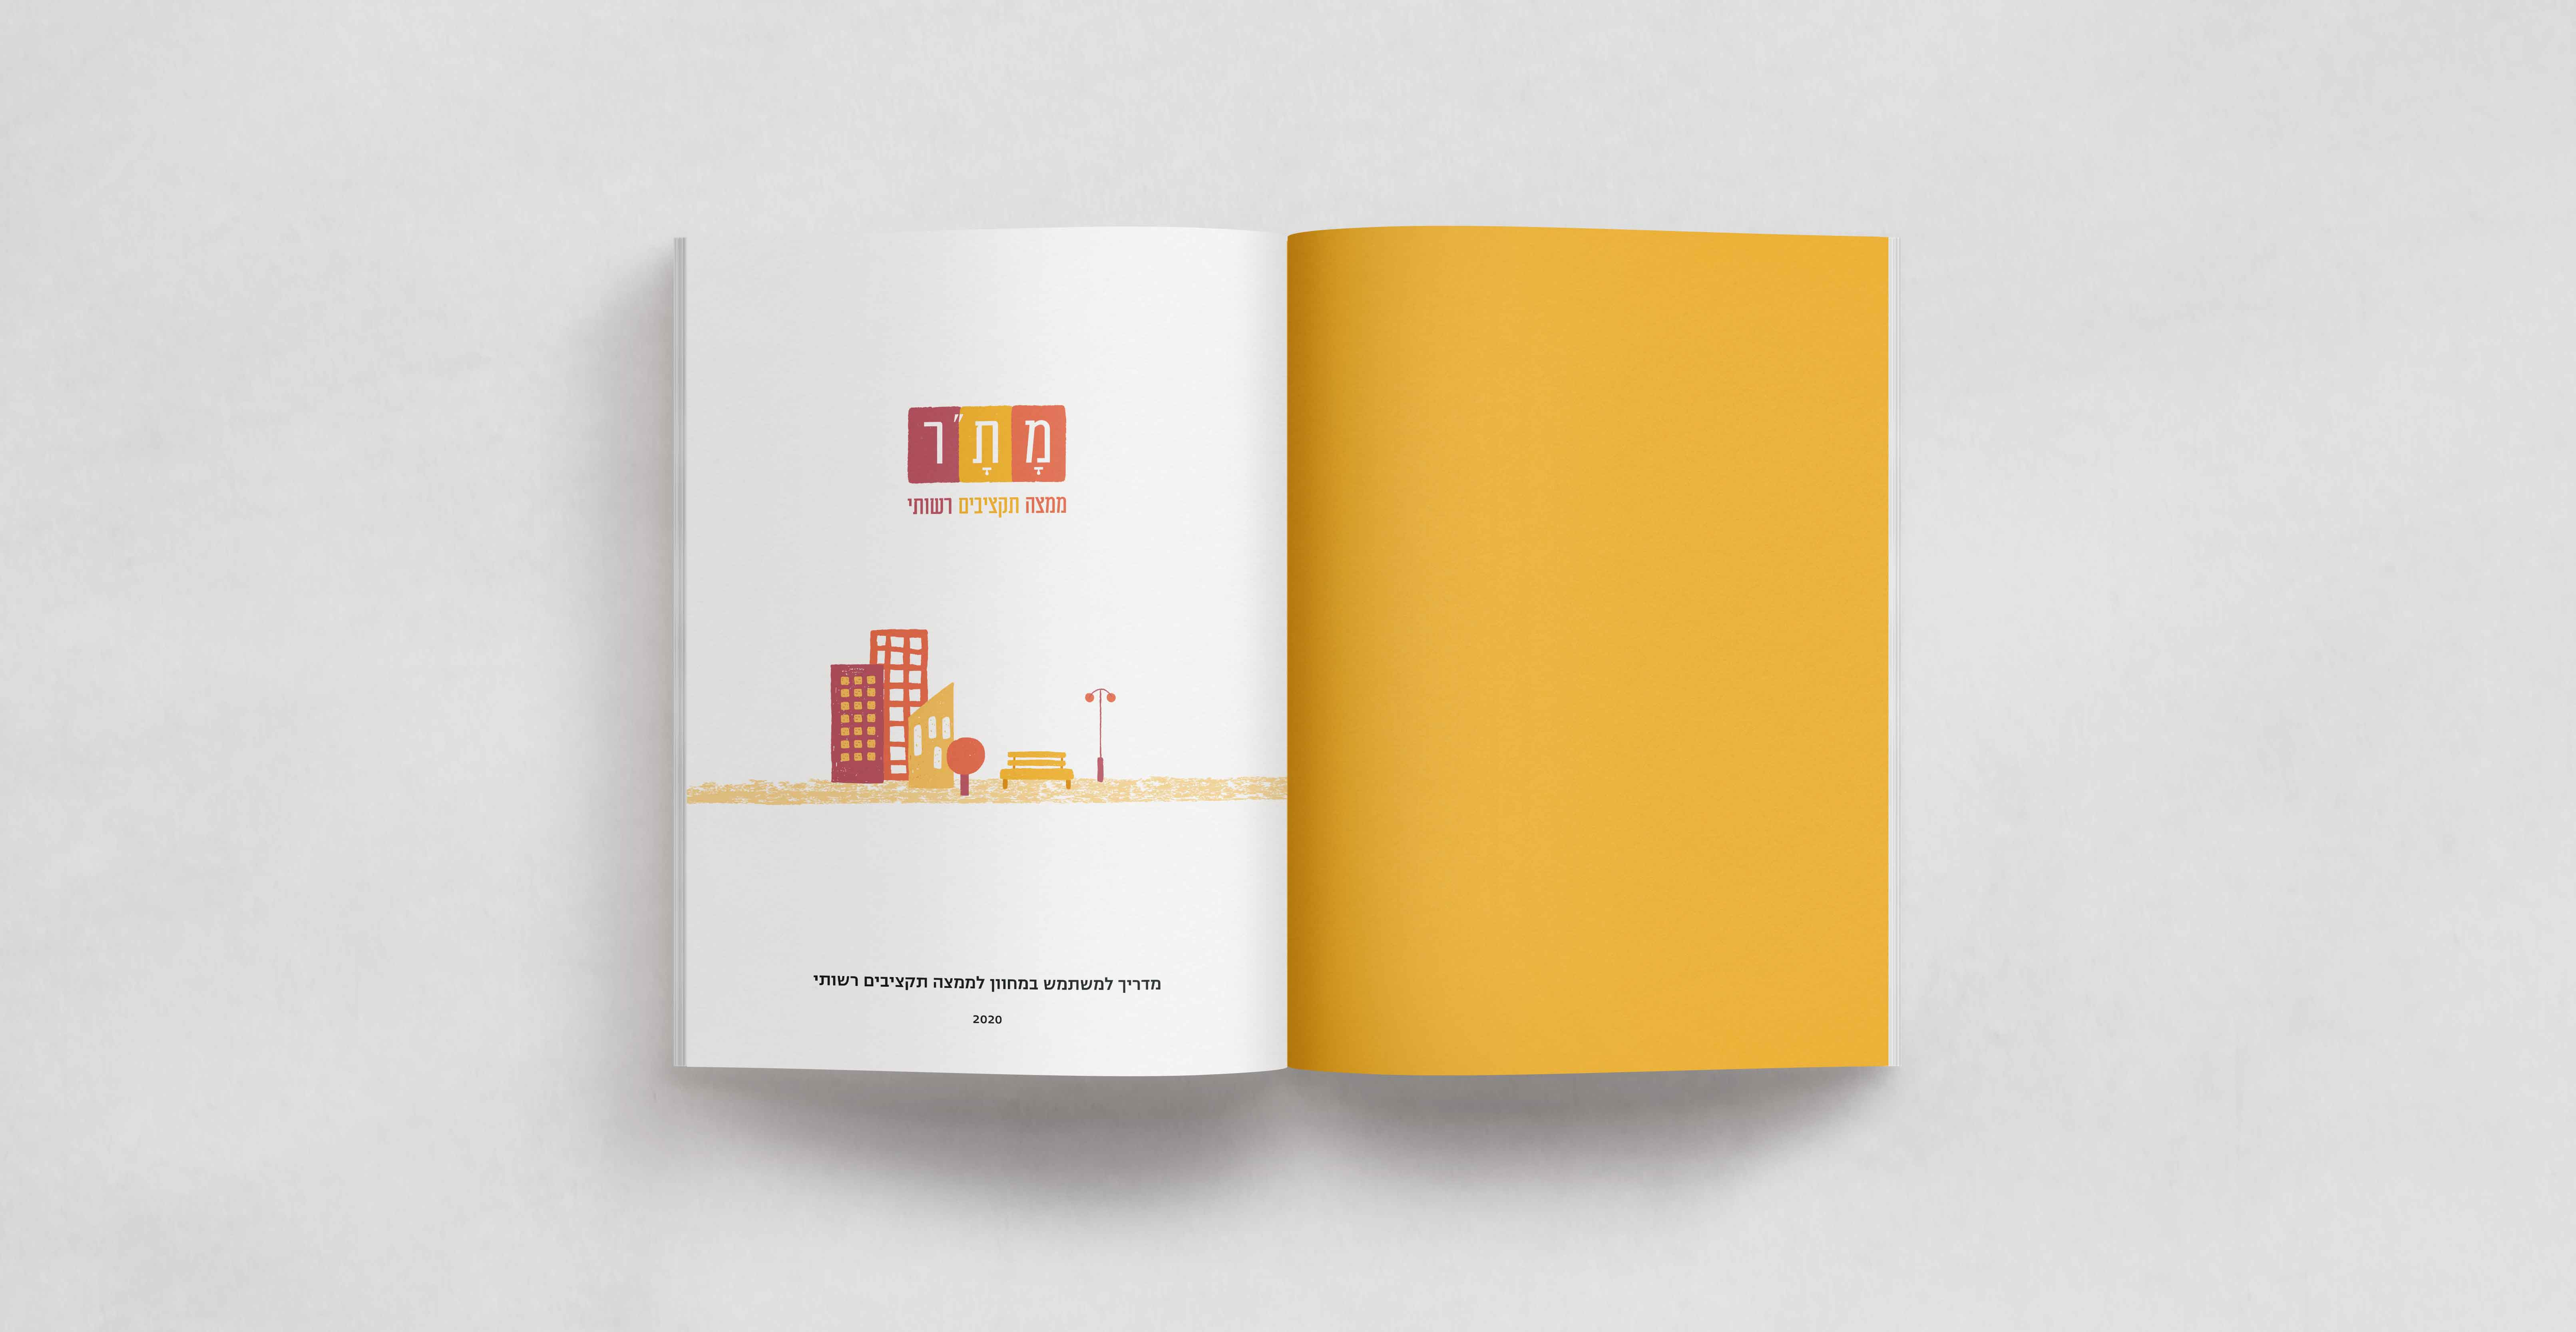 עיצוב ואיור חוברות | מיזם מוארד | ג׳וינט אלכא